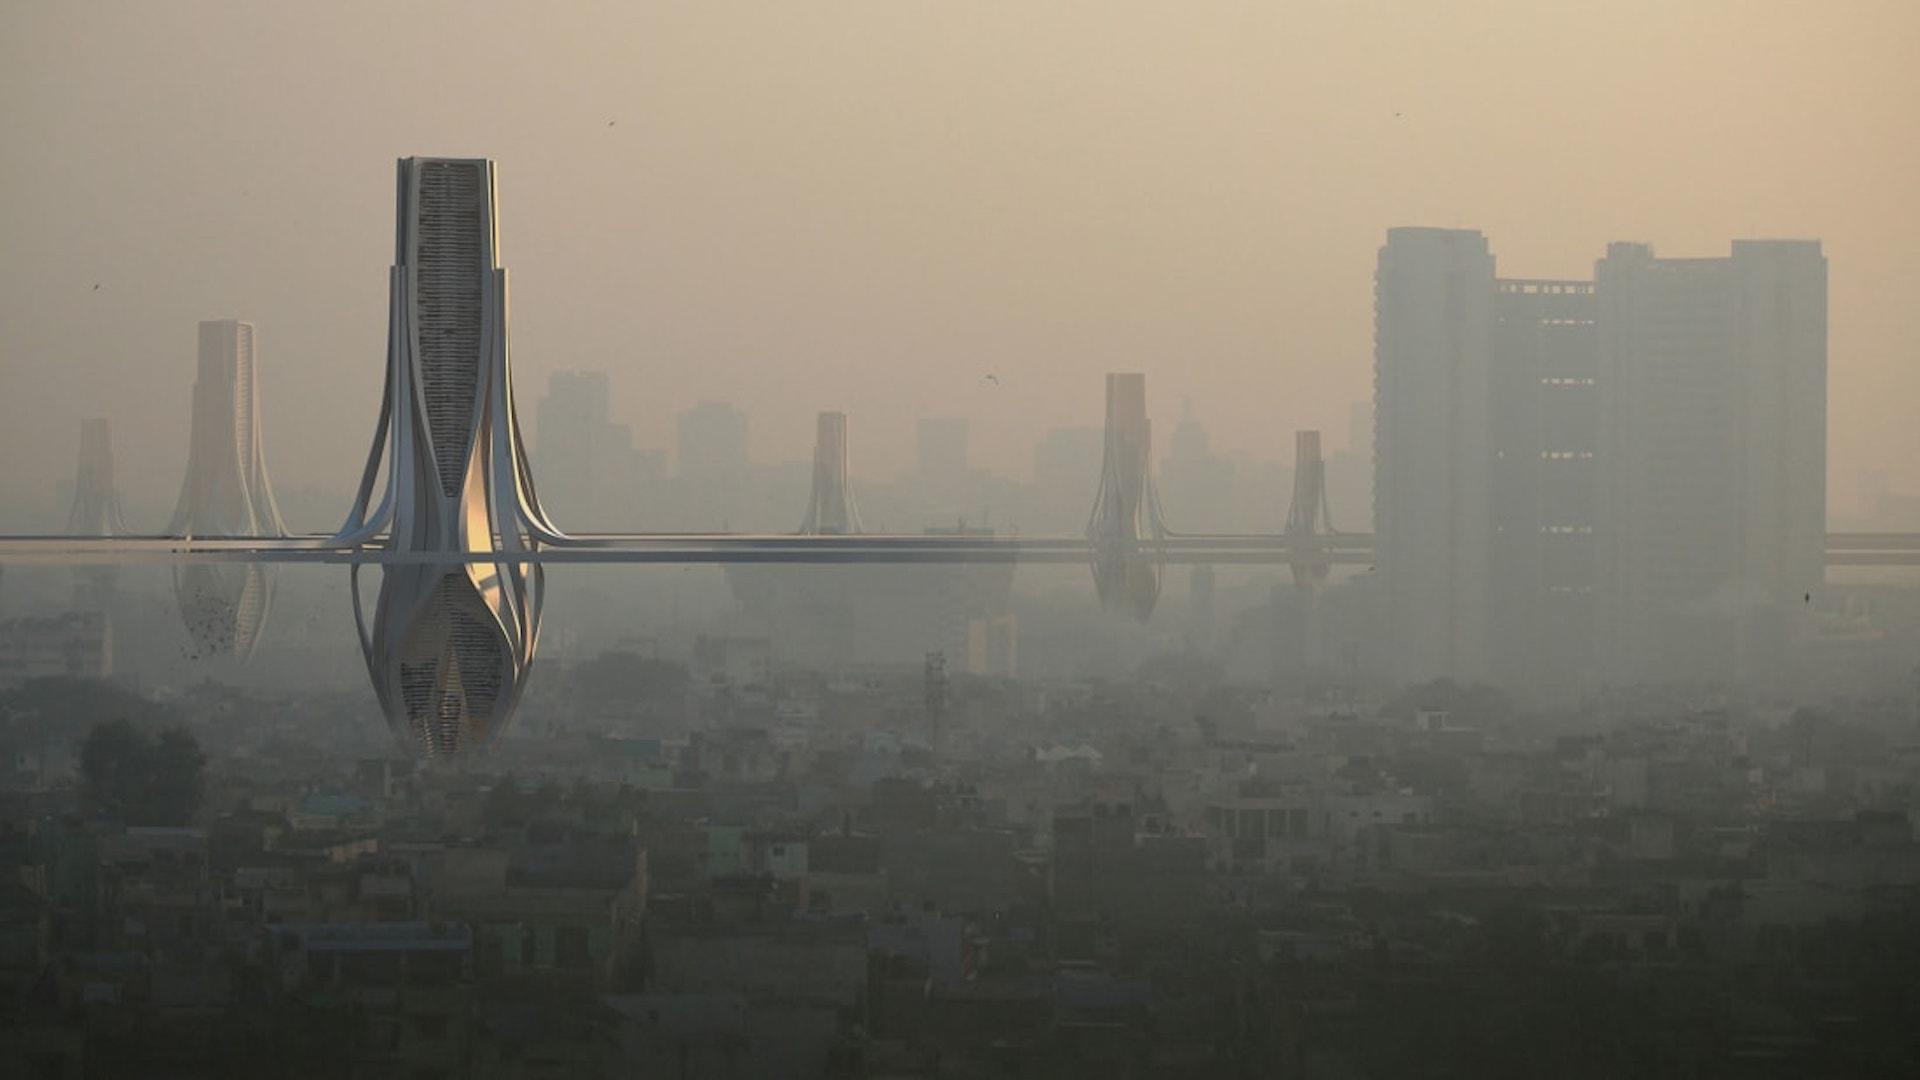 Quieren construir torres gigantes para limpiar el smog en la India